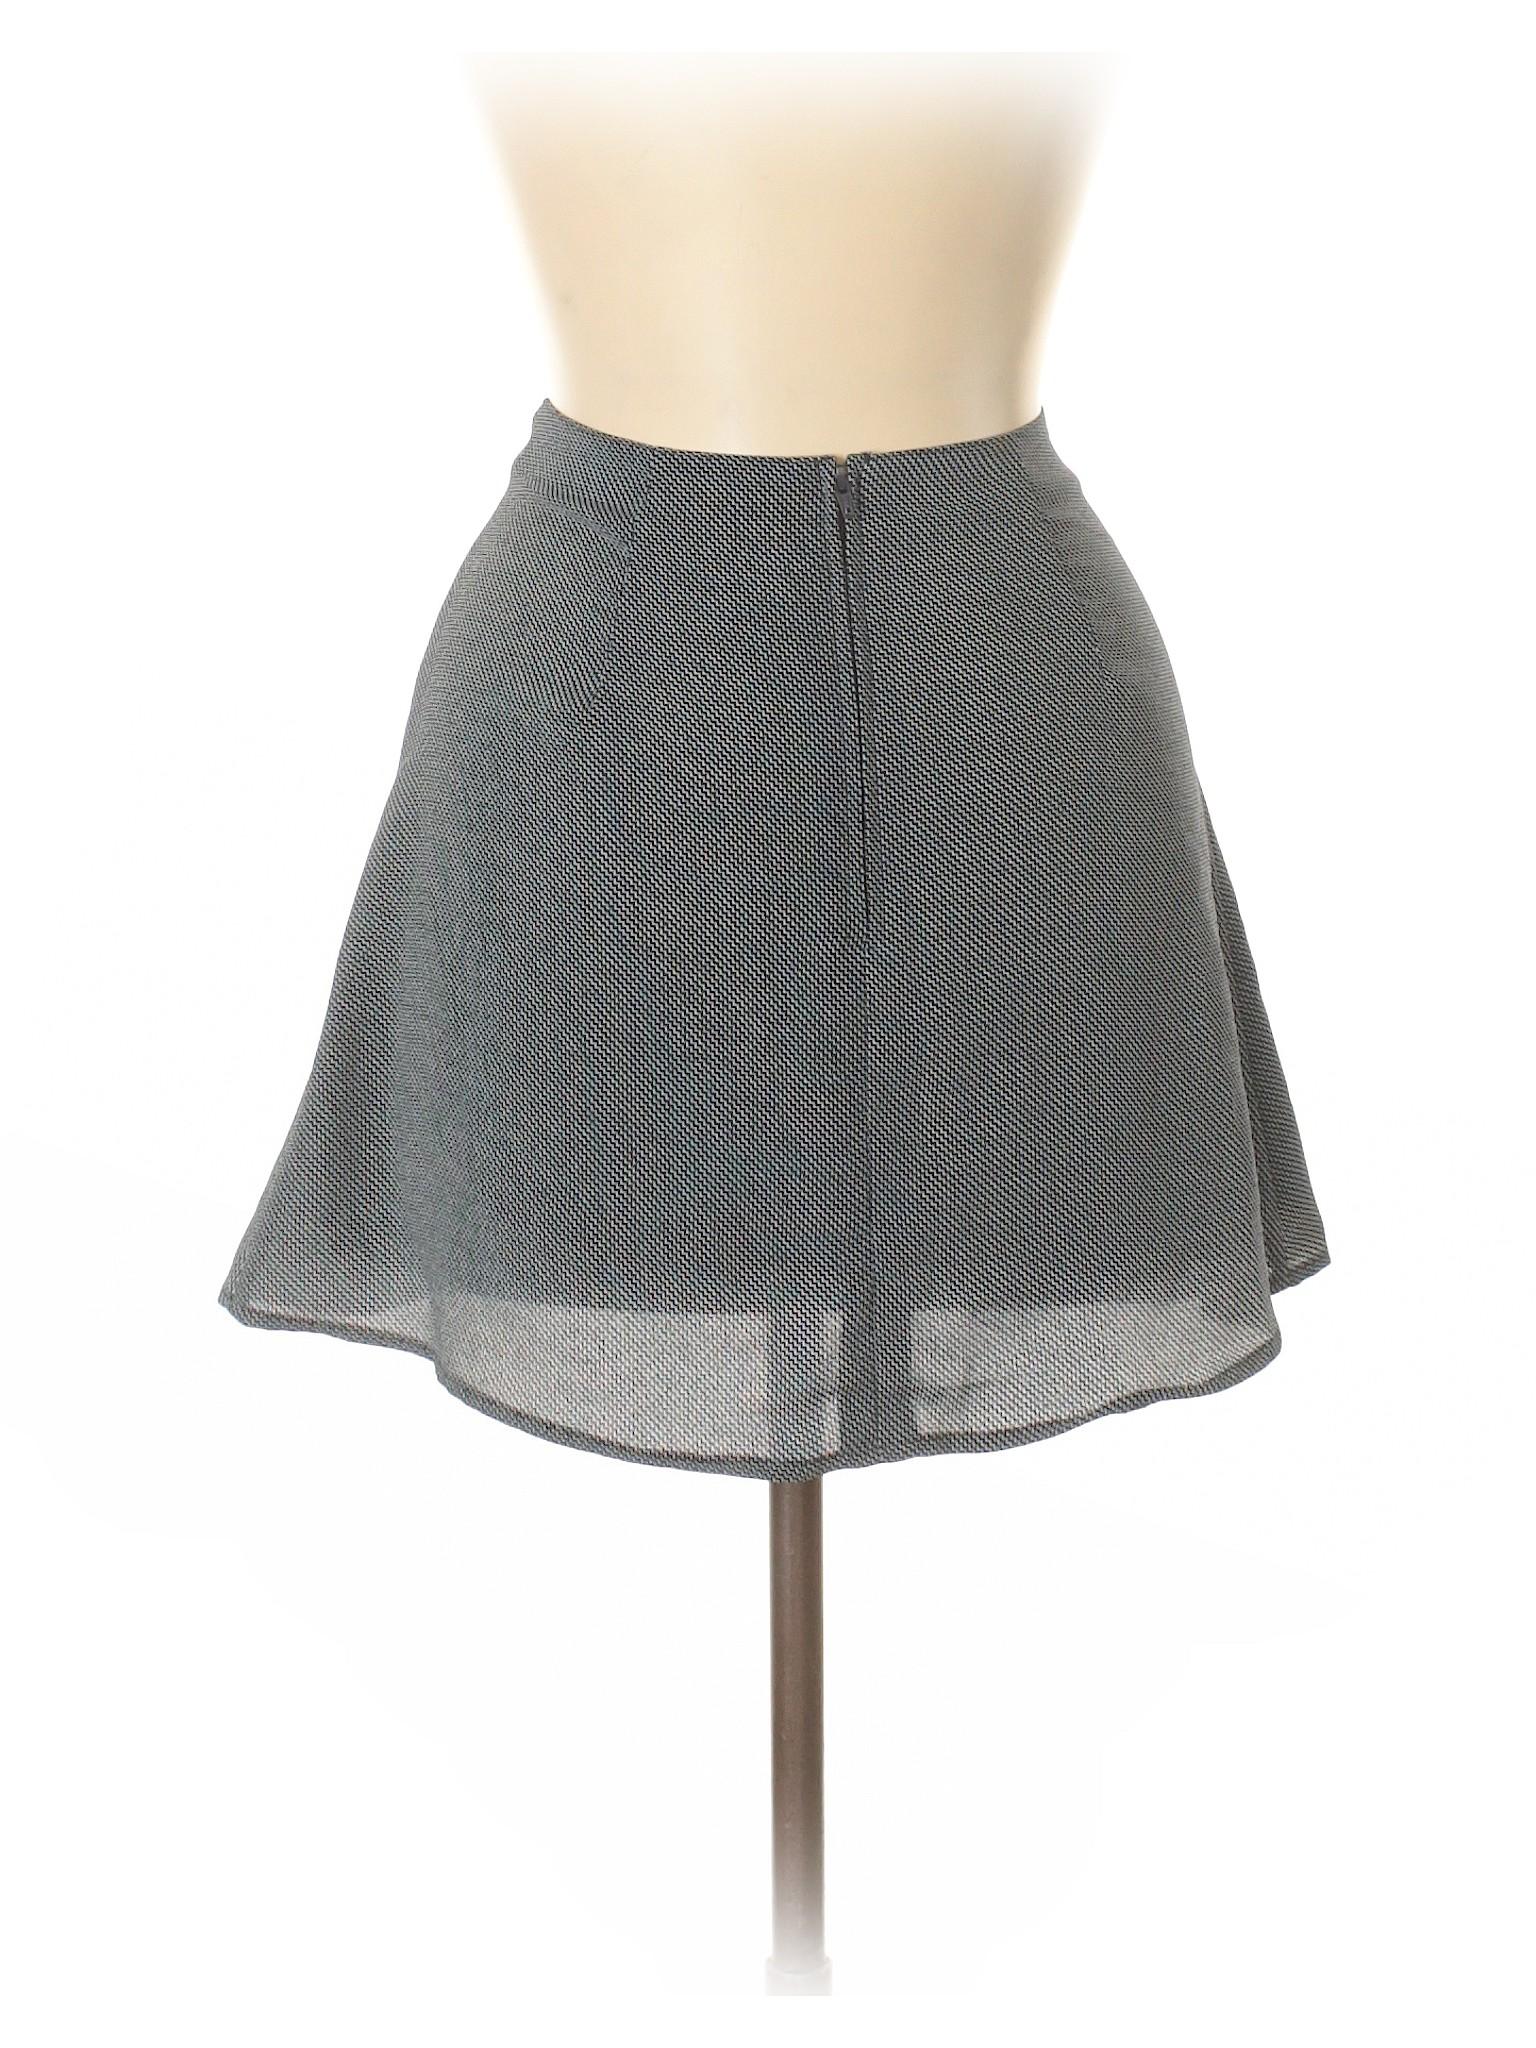 Boutique Boutique Casual Casual Skirt Boutique Skirt w7taqagS